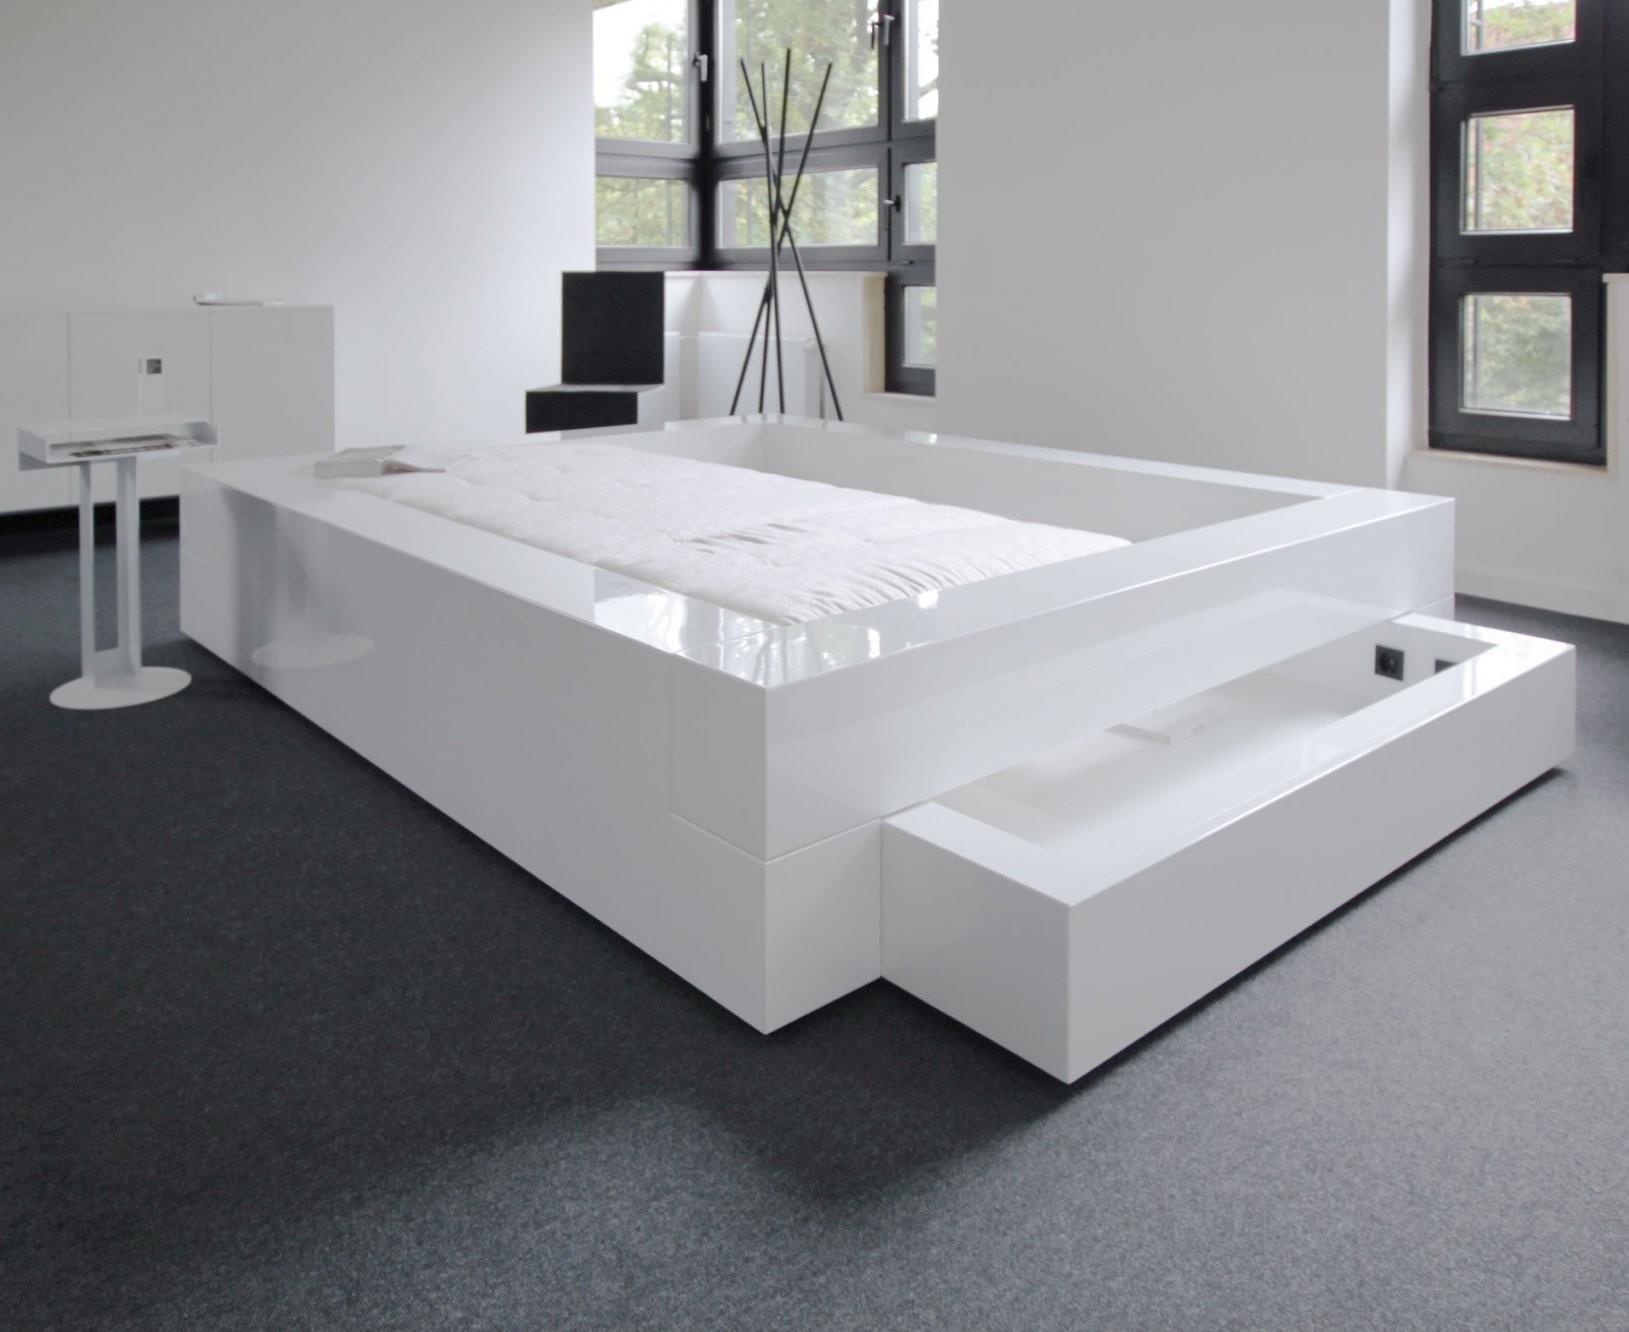 Bett Somnium Mit Bettkasten – Designbett Von Rechteck von Bett Mit Bettkasten 200X200 Bild